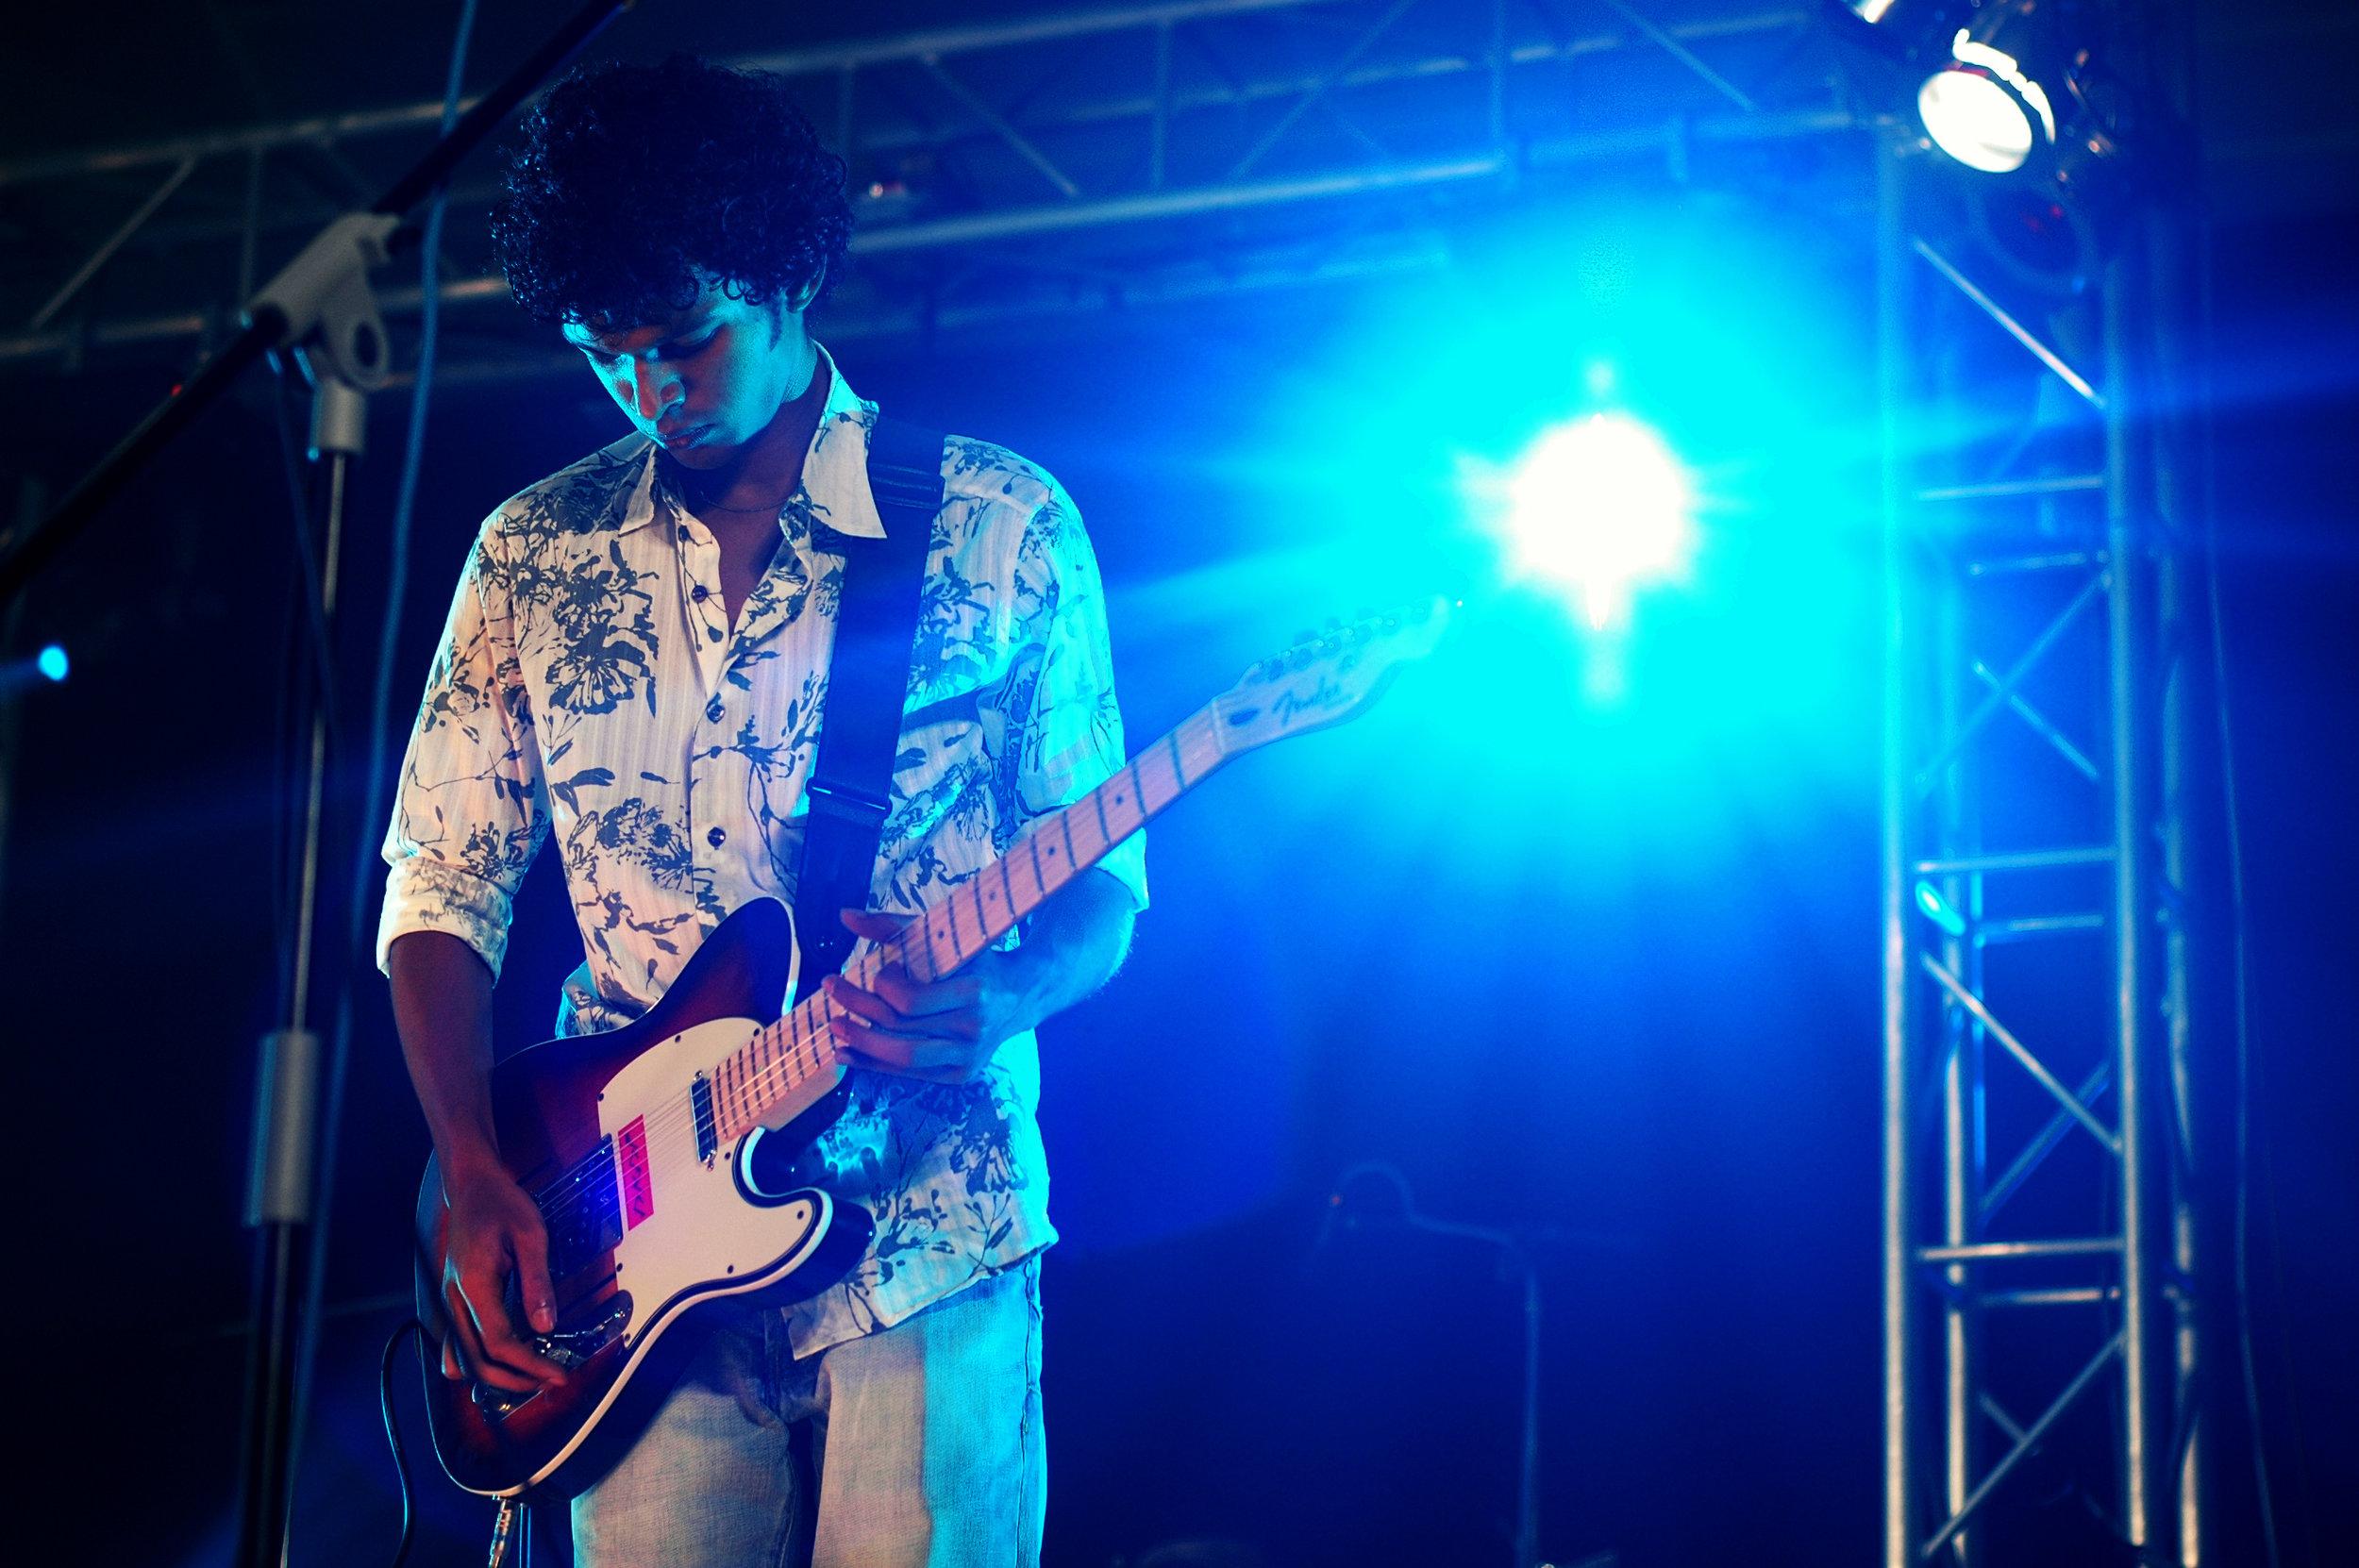 2009-08-19 - Male' City - Dharubaaruge' - Eku Ekee Album Launch - D70s-7884.jpg